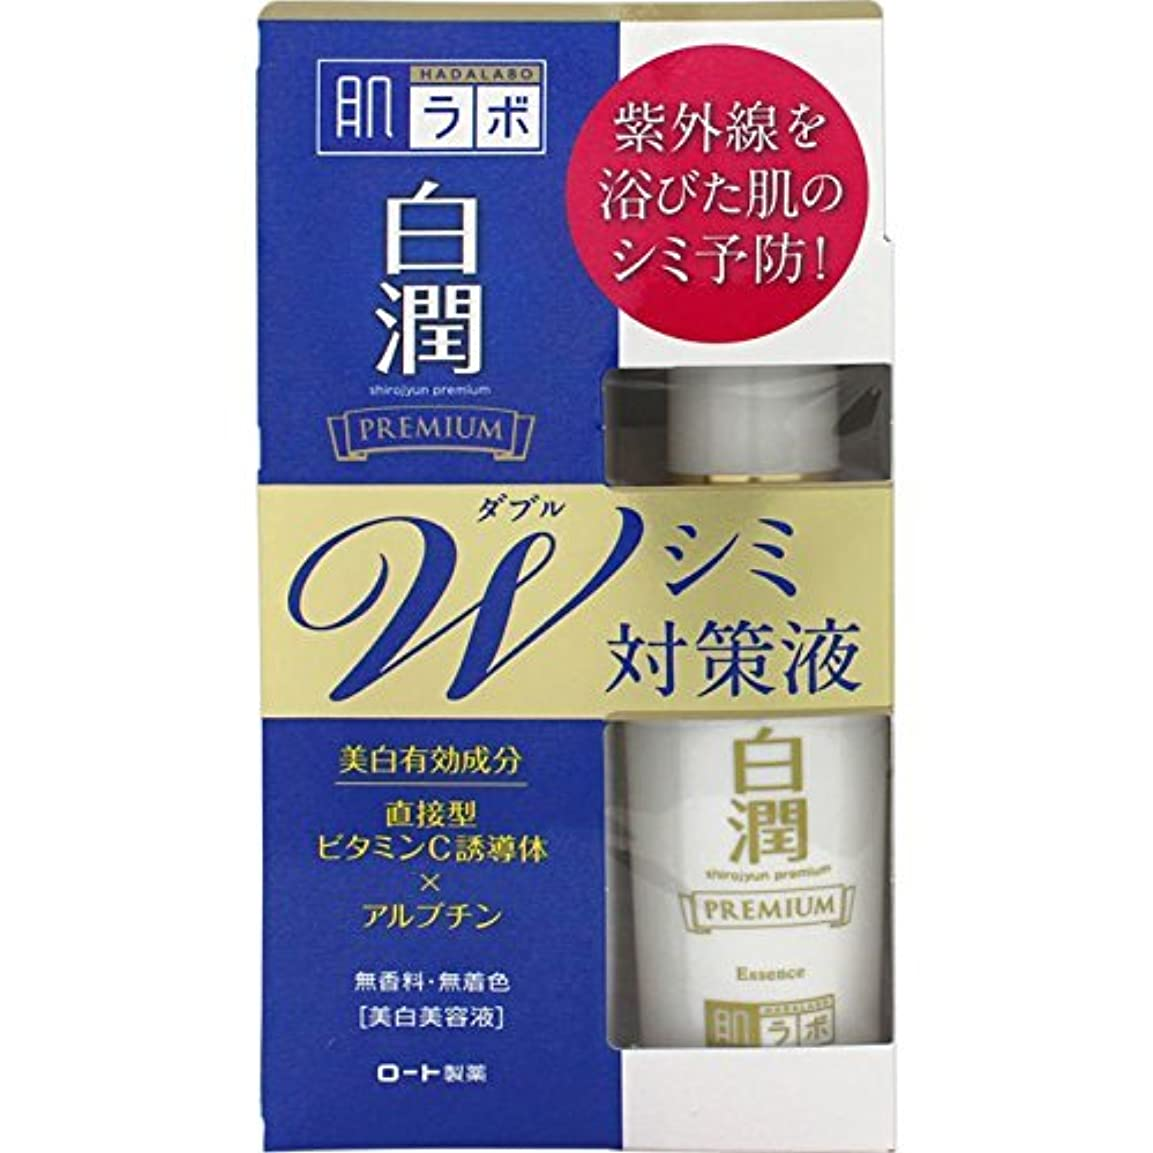 要件気がついて頬肌ラボ 白潤 プレミアムW美白美容液 40mL (医薬部外品)×7